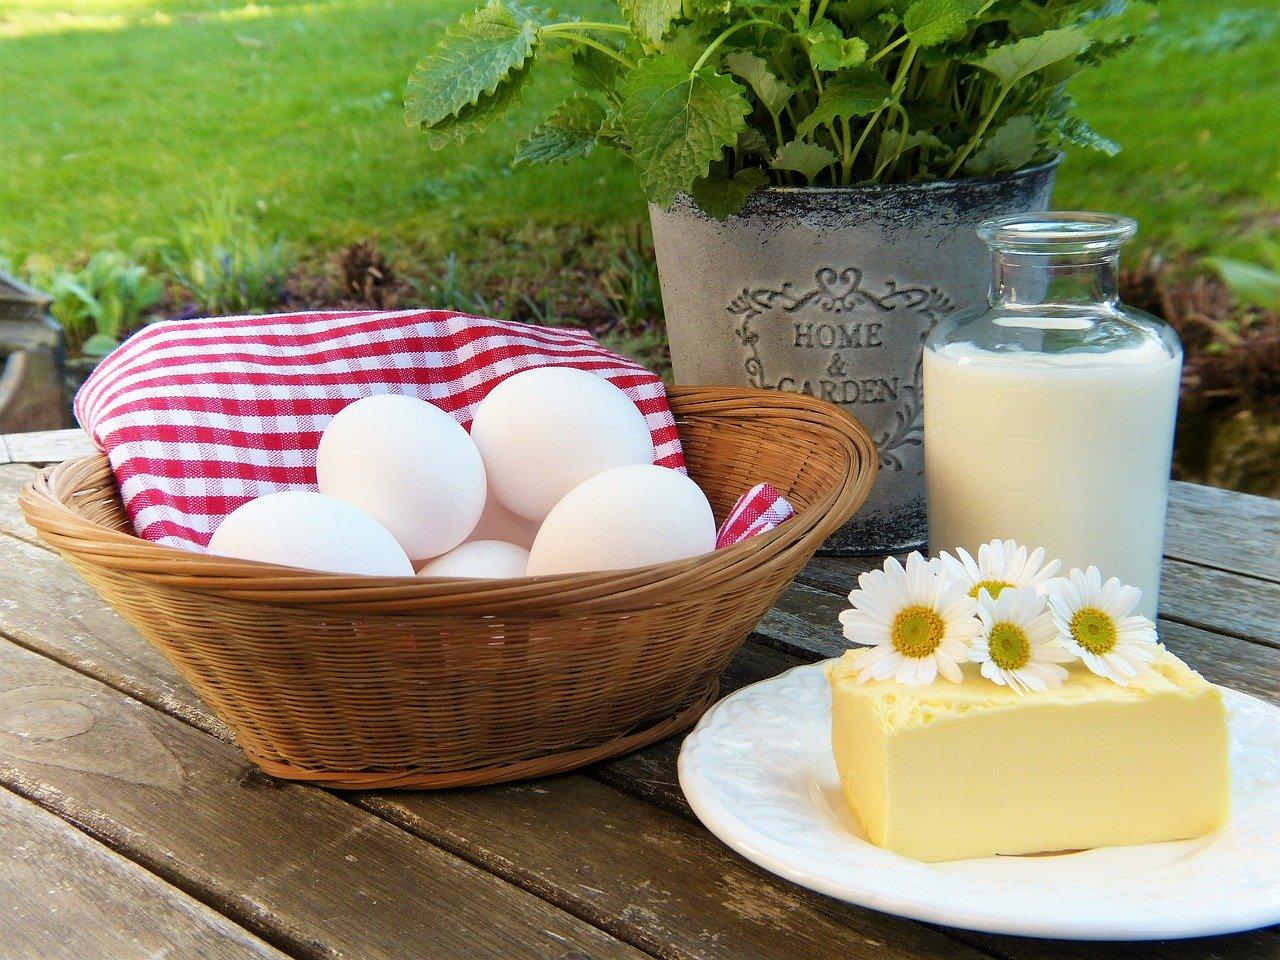 kalcij v jajcih, mleku in siru